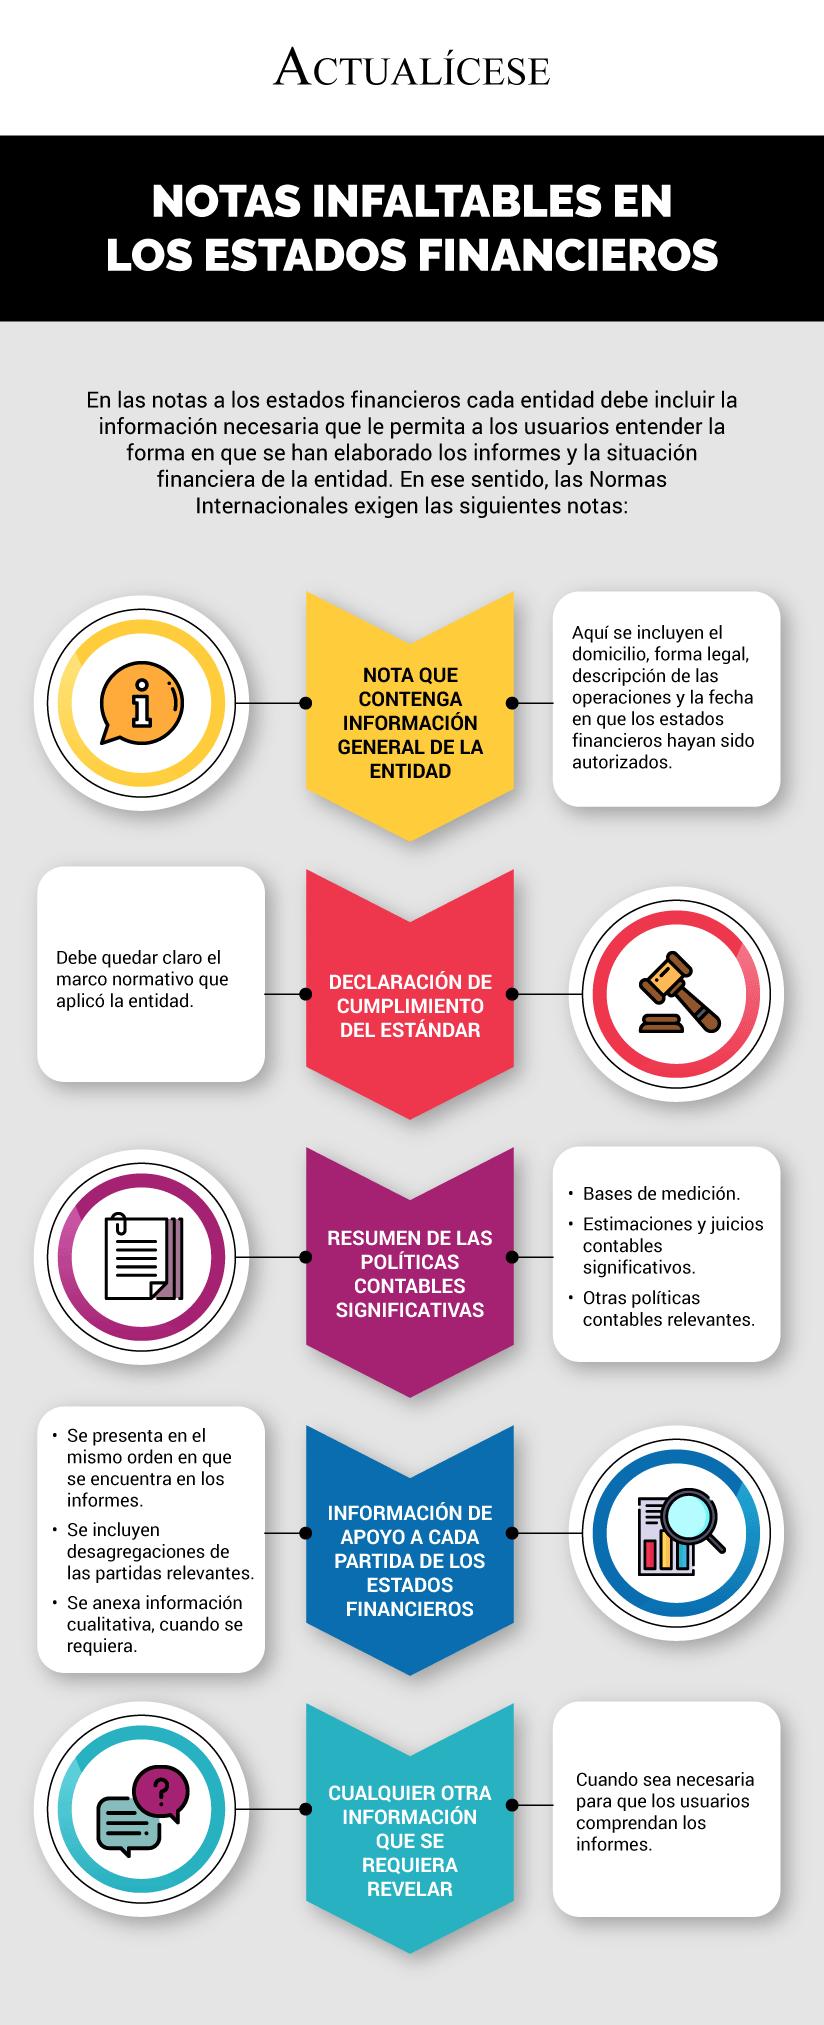 [Infografía] Notas infaltables en los estados financieros